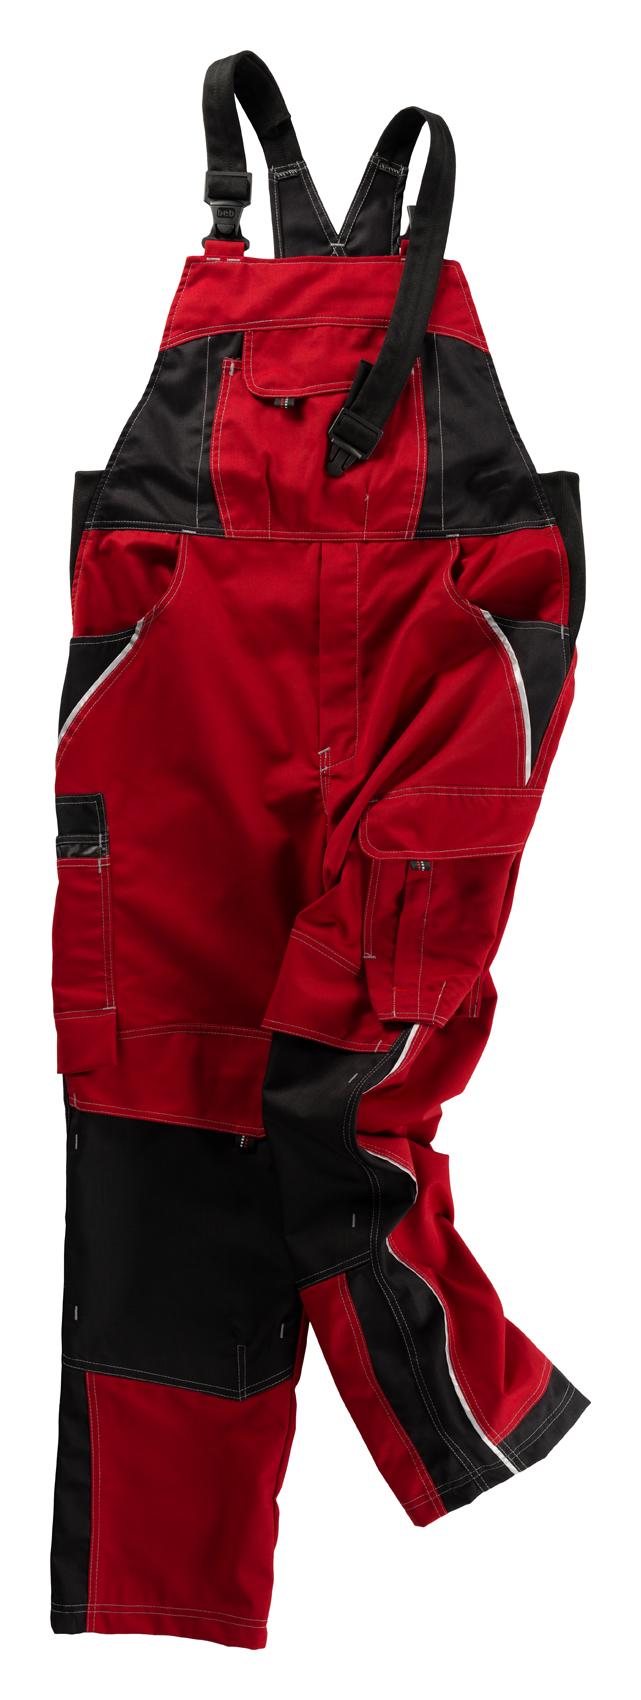 Heute im Angebot: Latzhose INFLAME von BEB / Farbe: Fire engine red in der Region Berlin Blankenburg